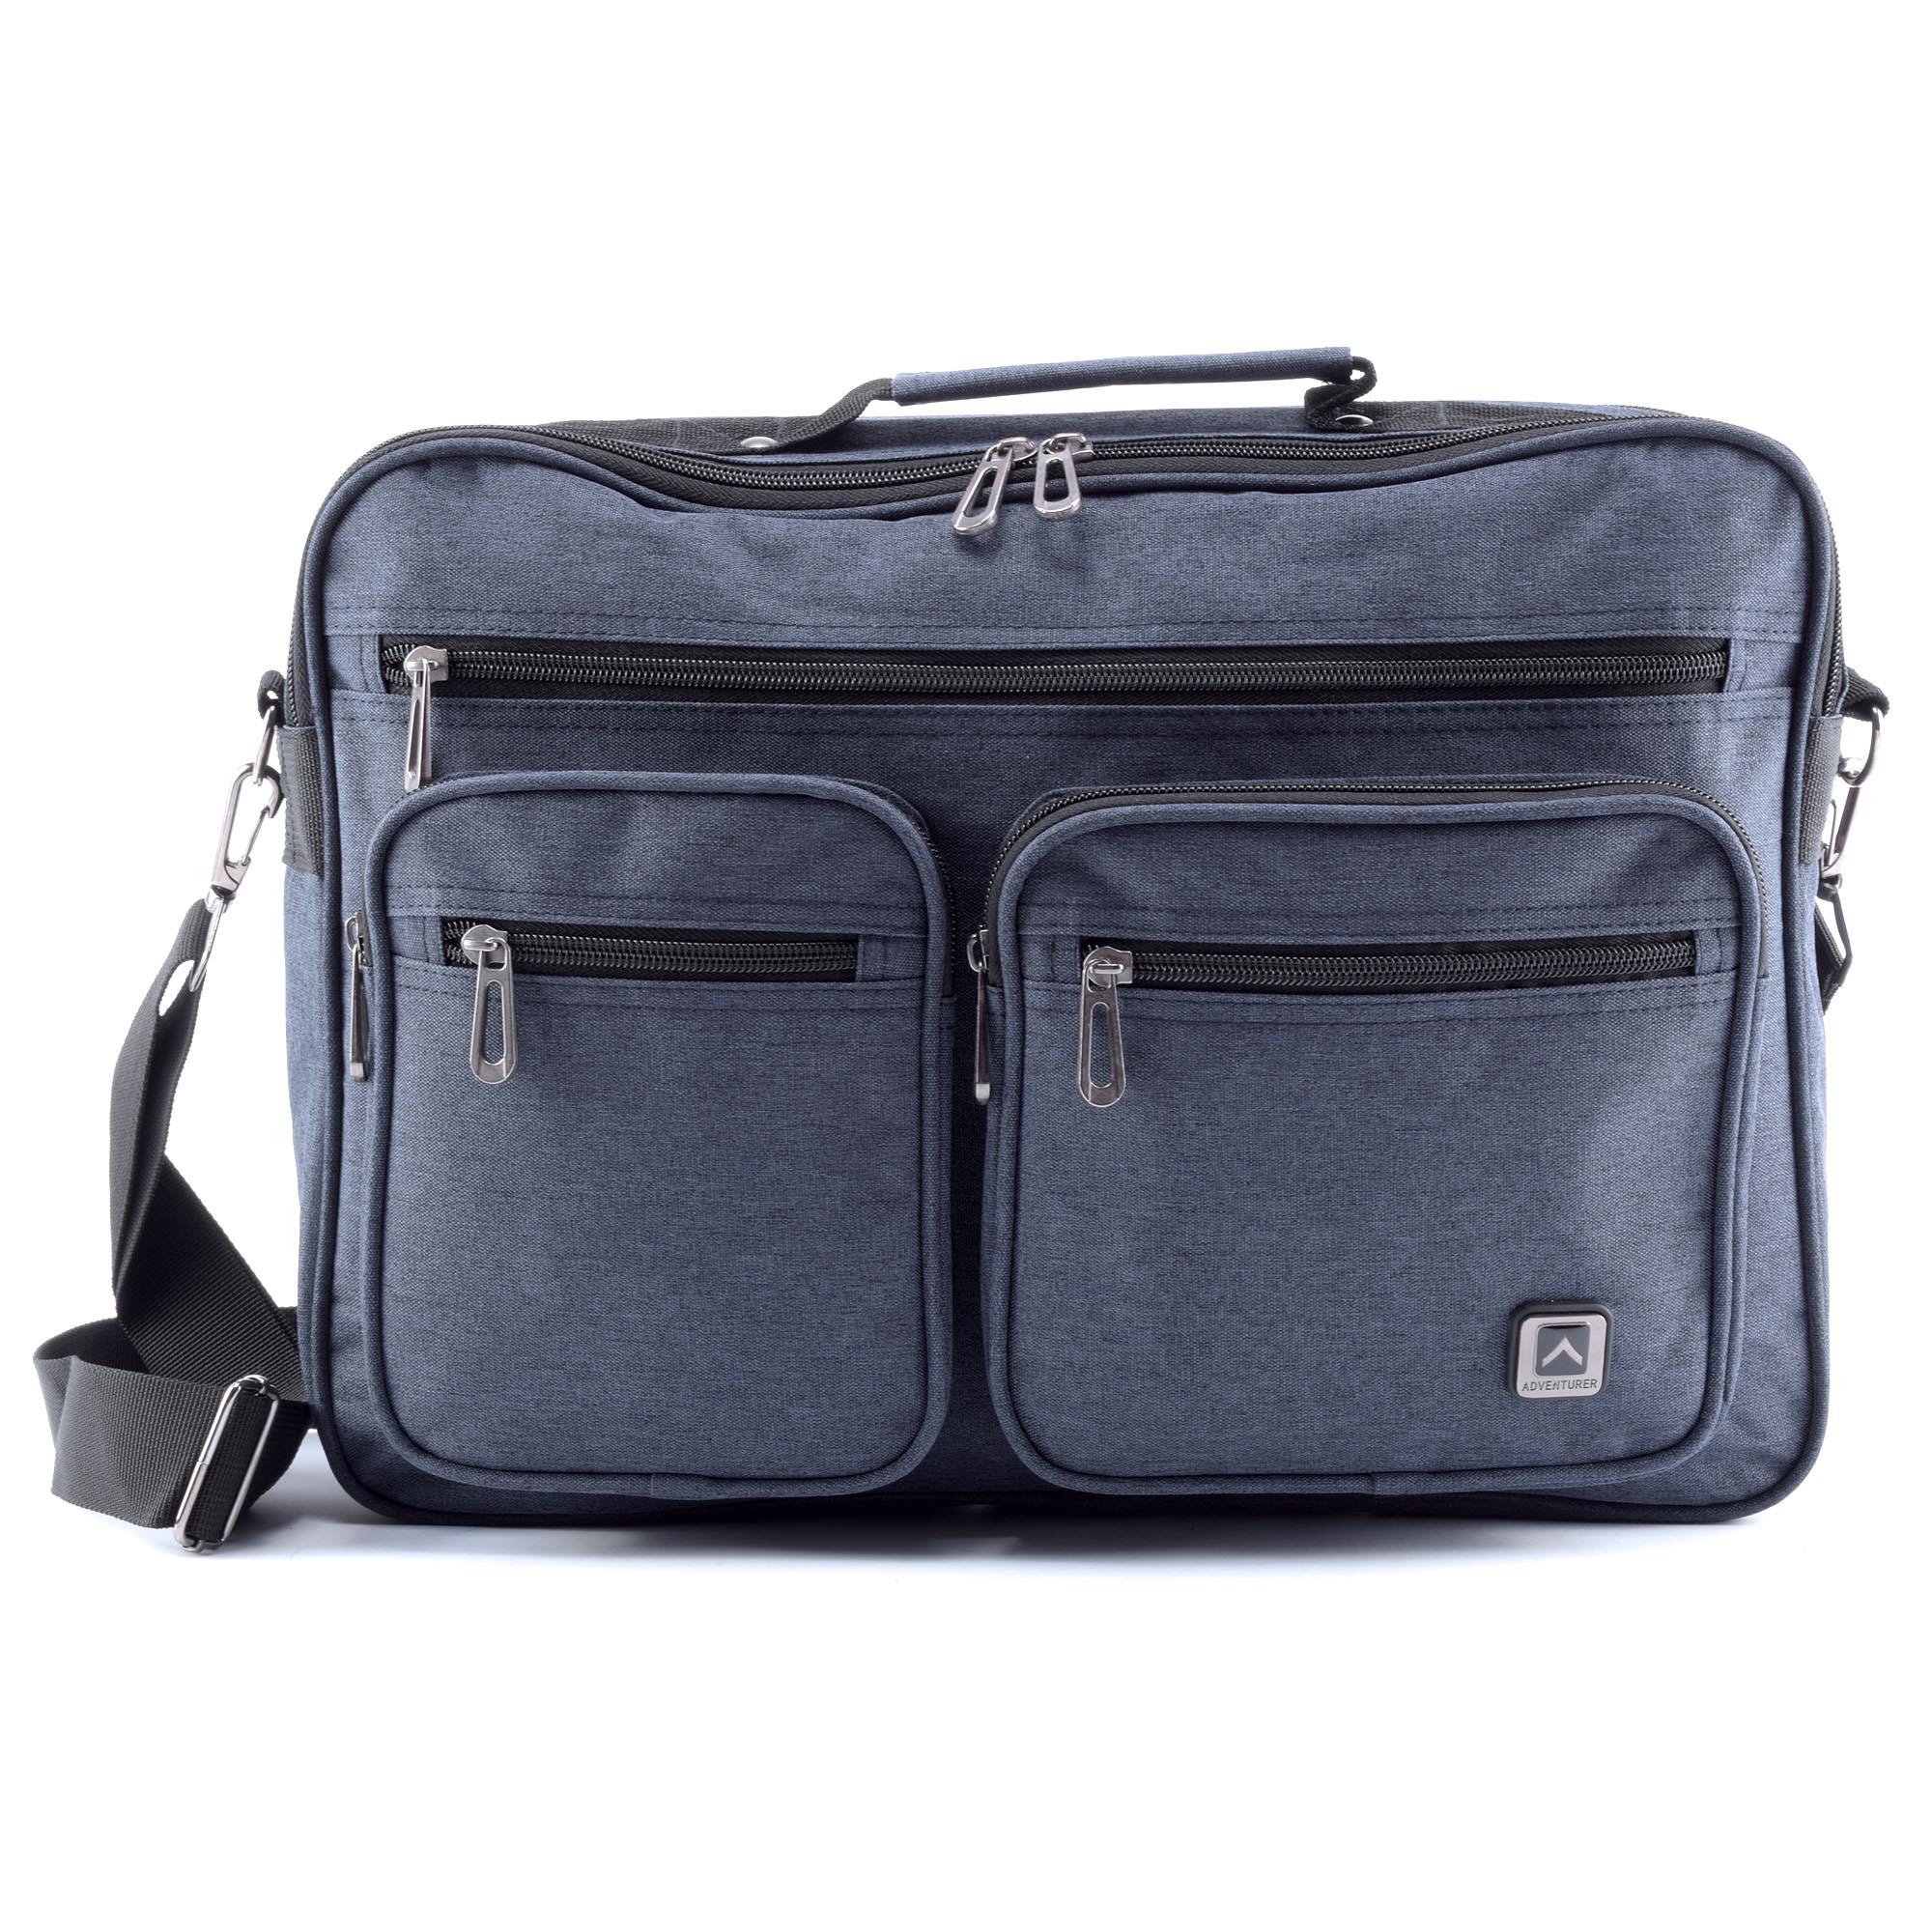 a943ec531c8e ADVENTURER kék laptoptáska - LAPTOP TÁSKÁK - Táska webáruház - Minőségi  táskák mindenkinek